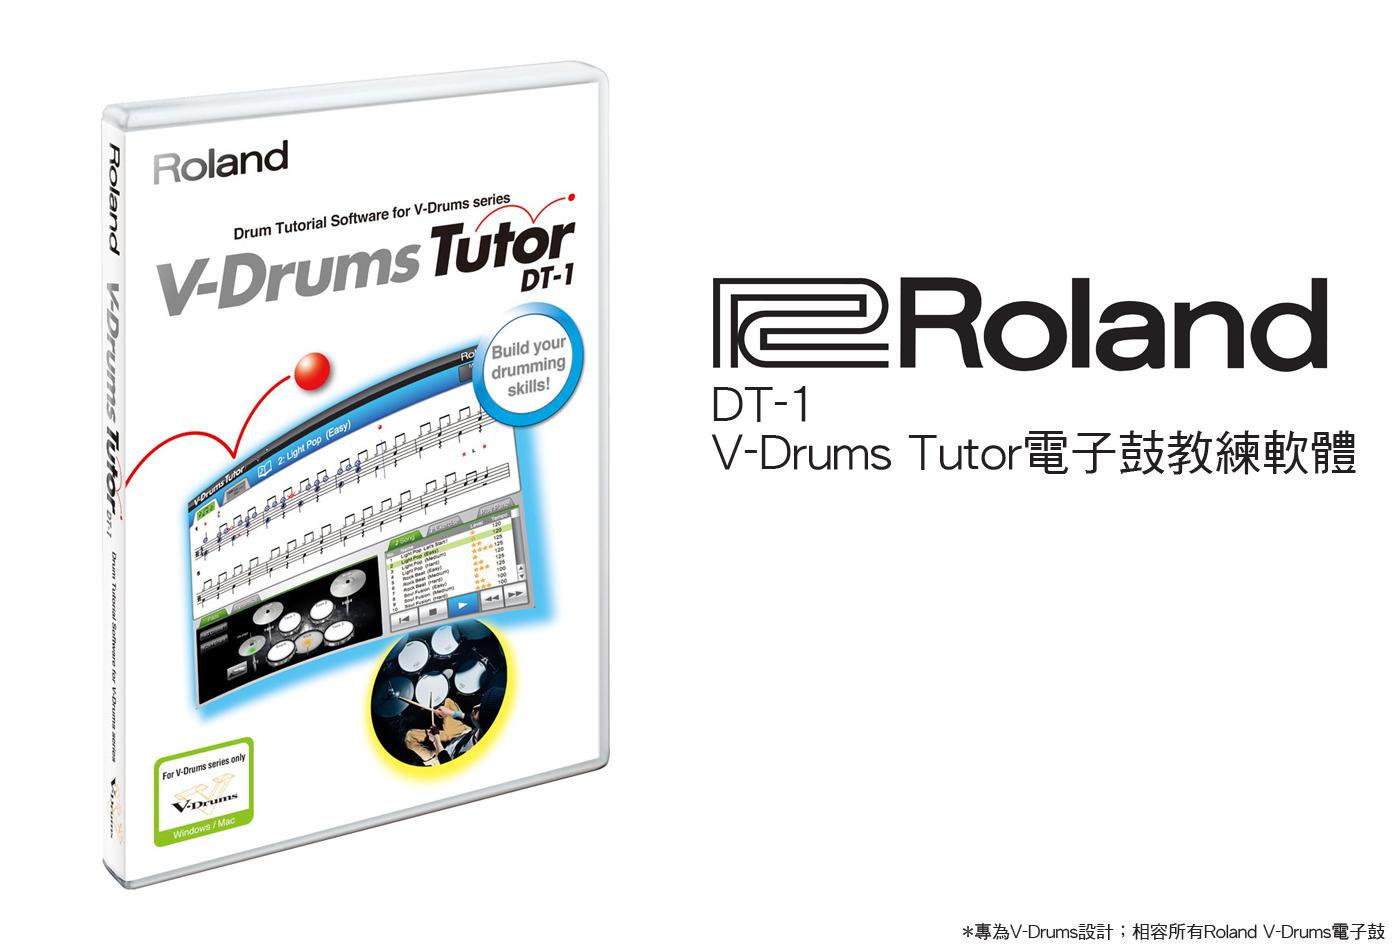 小叮噹的店電子鼓教學樂蘭Roland DT-1電子鼓教練軟體教學光碟